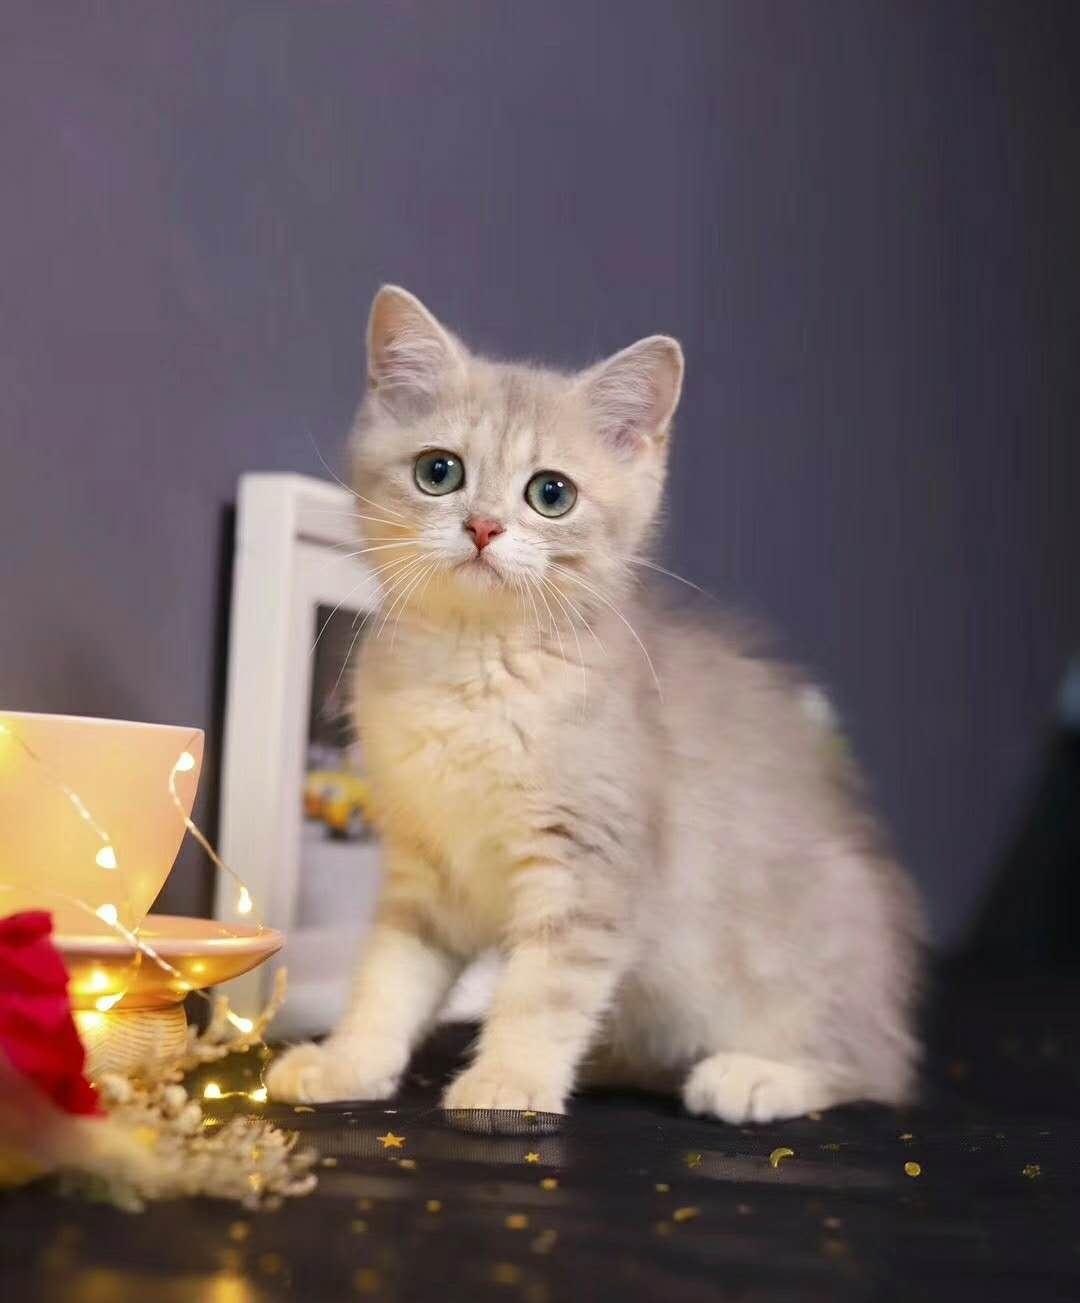 猫舍出售纯种 渐层猫 包纯种健康 疫苗做全 支持全国飞